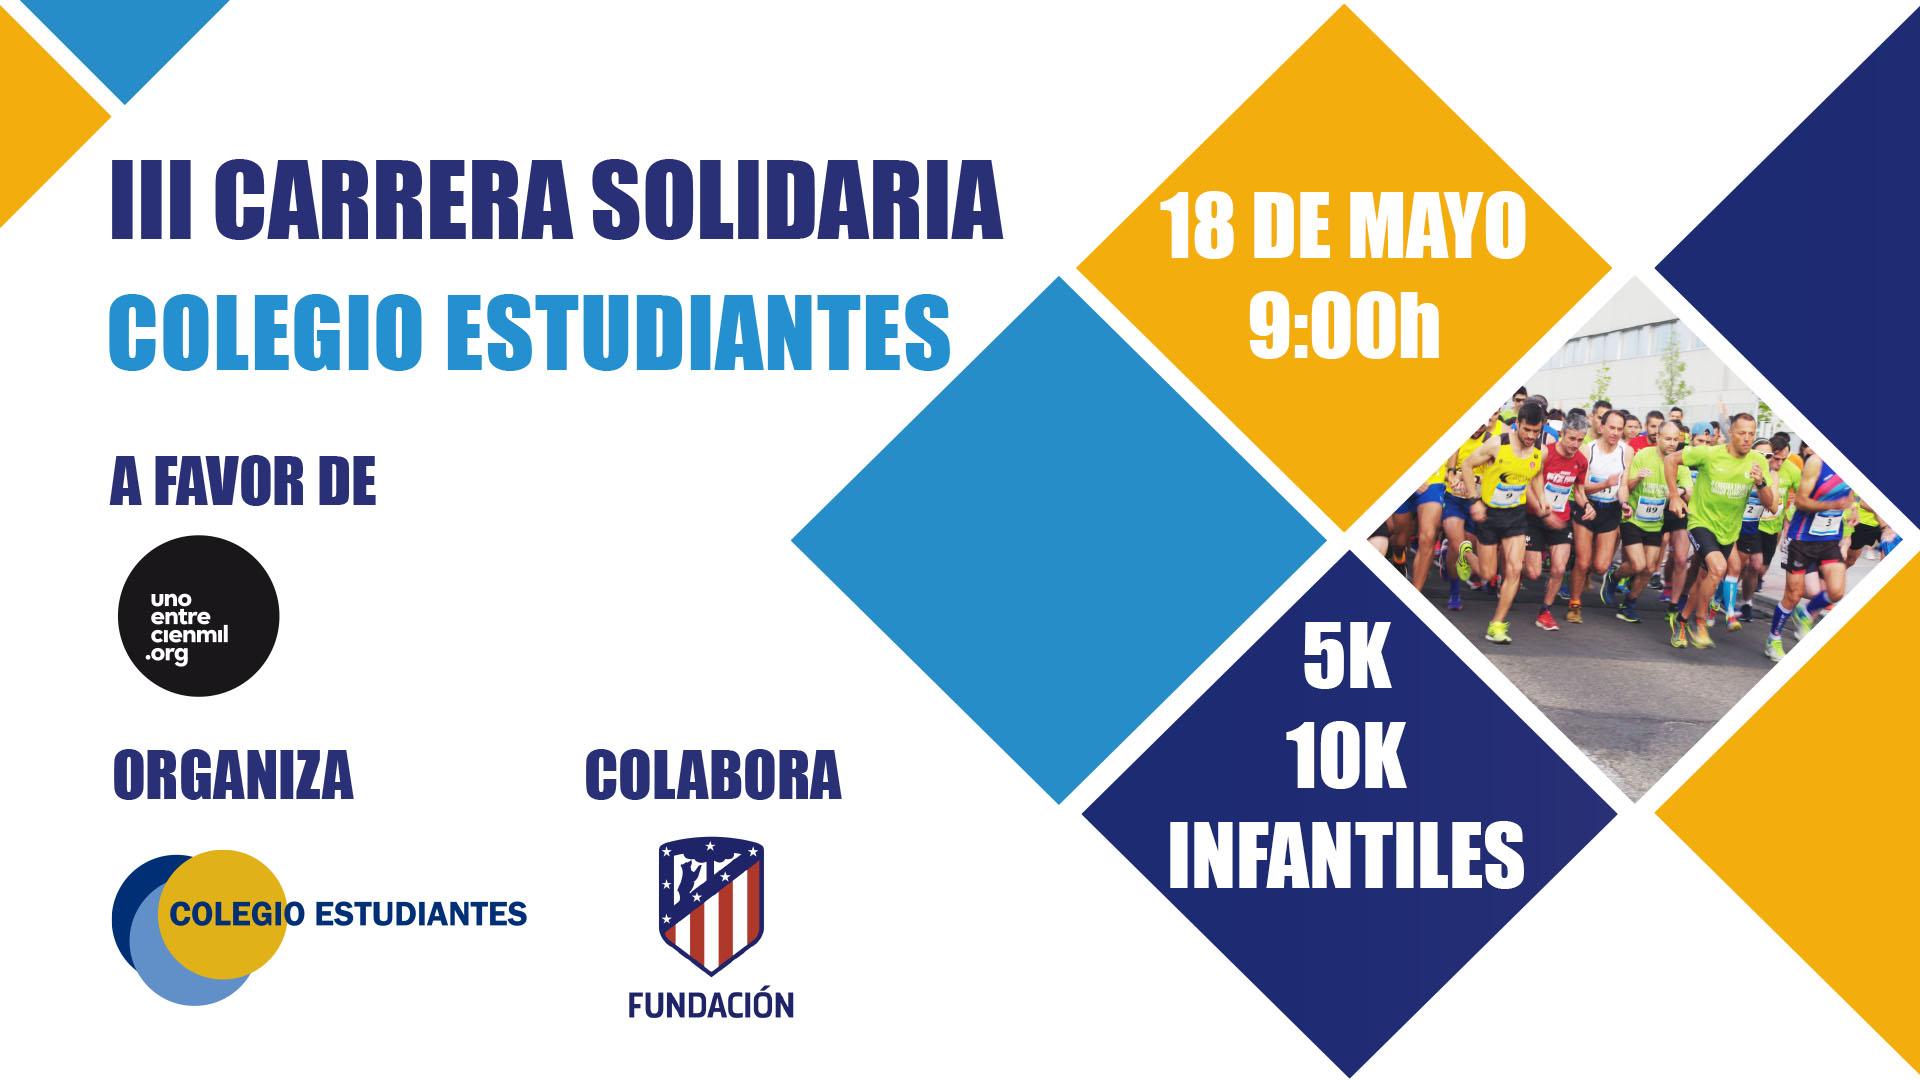 Entrenamientos programados para la III Carrera Solidaria Colegio Estudiantes